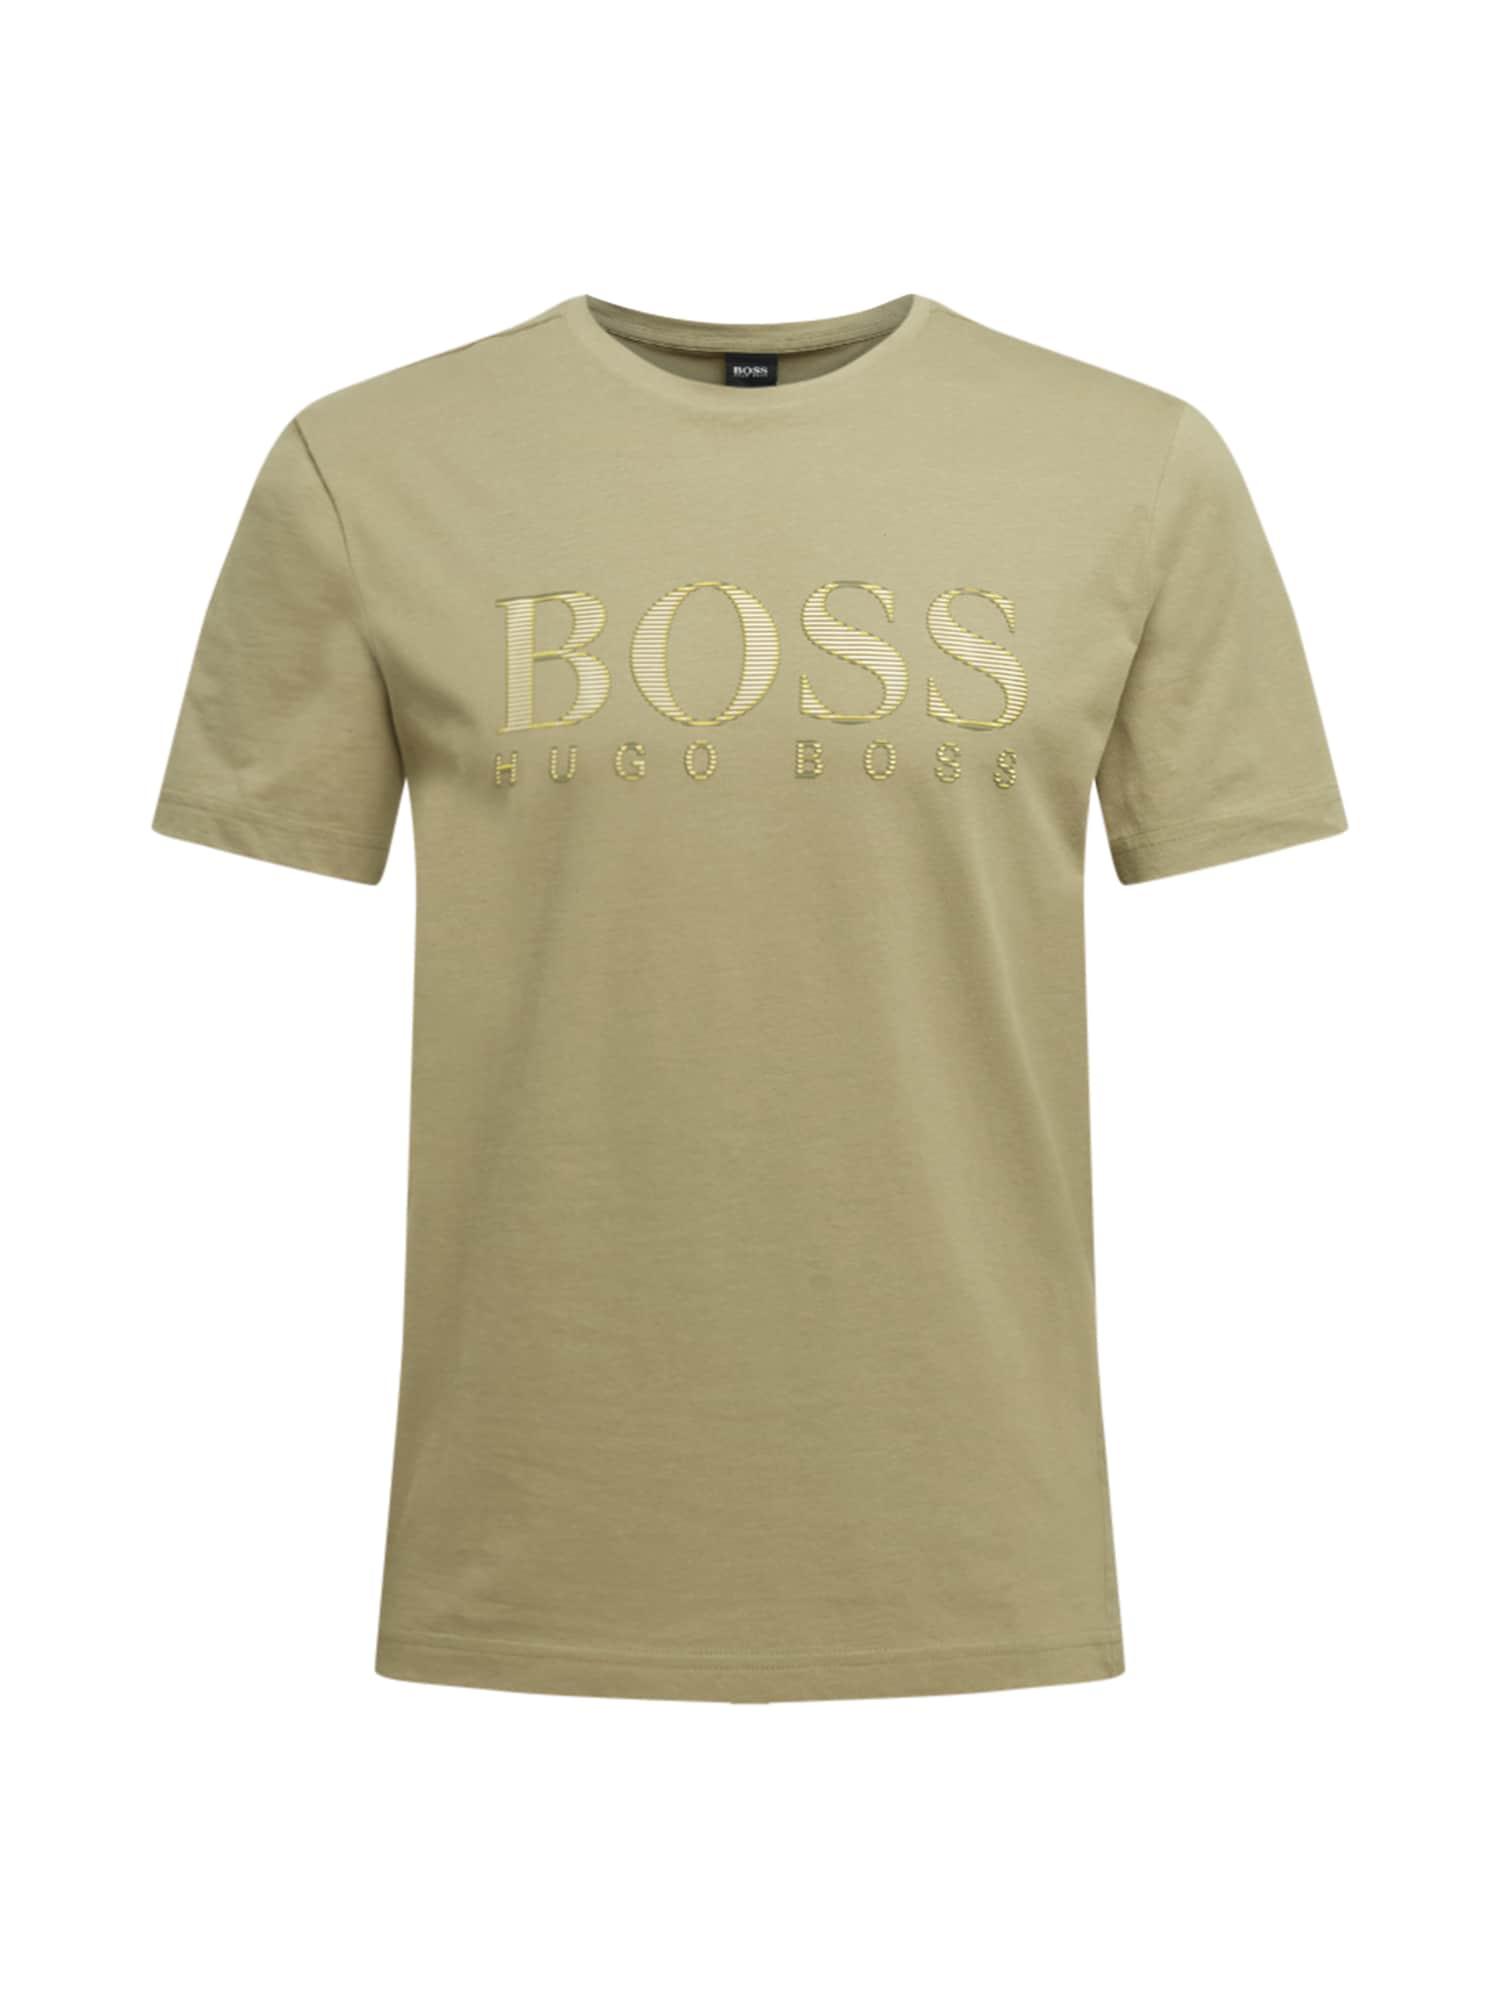 BOSS ATHLEISURE Marškinėliai alyvuogių spalva / geltona / balta